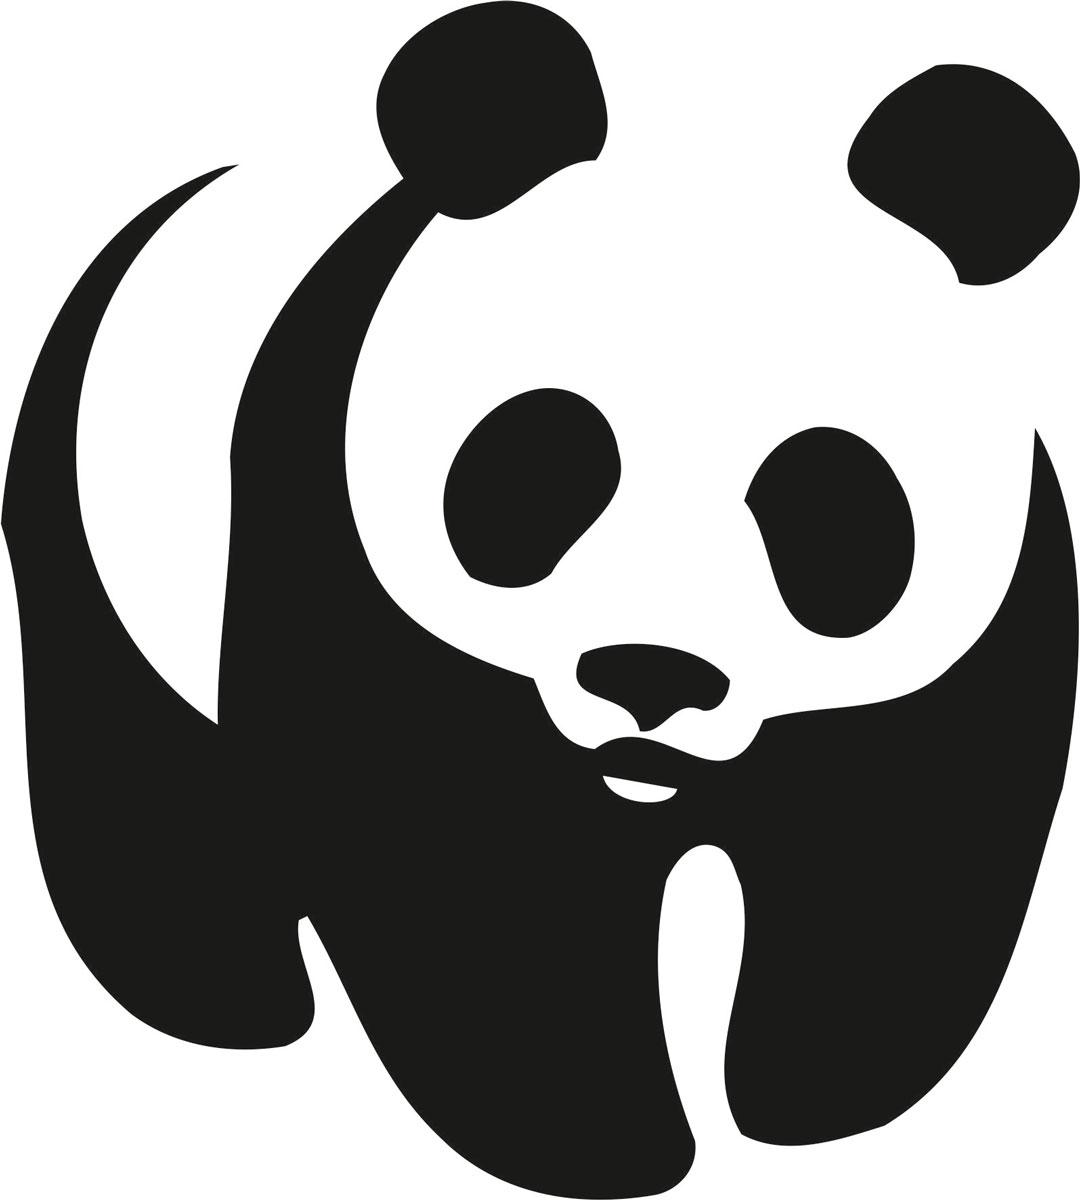 Наклейка автомобильная Оранжевый слоник Панда, виниловая, цвет: черный150PR0004BОригинальная наклейка Оранжевый слоник Панда изготовлена из долговечного винила, который выполняет не только декоративную функцию, но и защищает кузов от небольших механических повреждений, либо скрывает уже существующие. Виниловые наклейки на авто - это не только красиво, но еще и быстро! Всего за несколько минут вы можете полностью преобразить свой автомобиль, сделать его ярким, необычным, особенным и неповторимым!